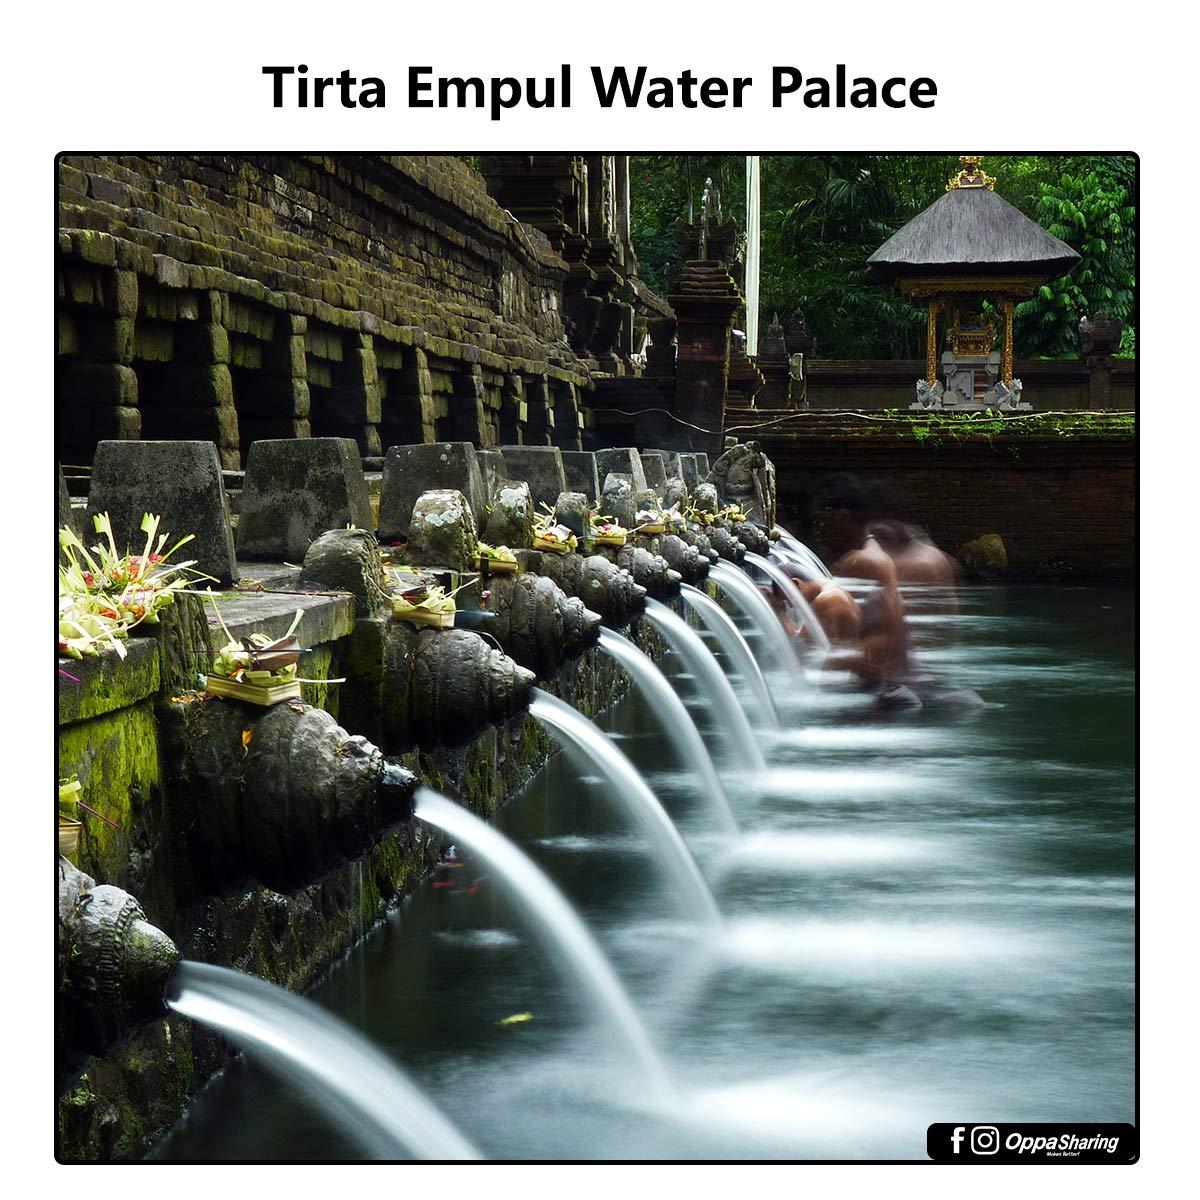 Tirta Empul Water Palace